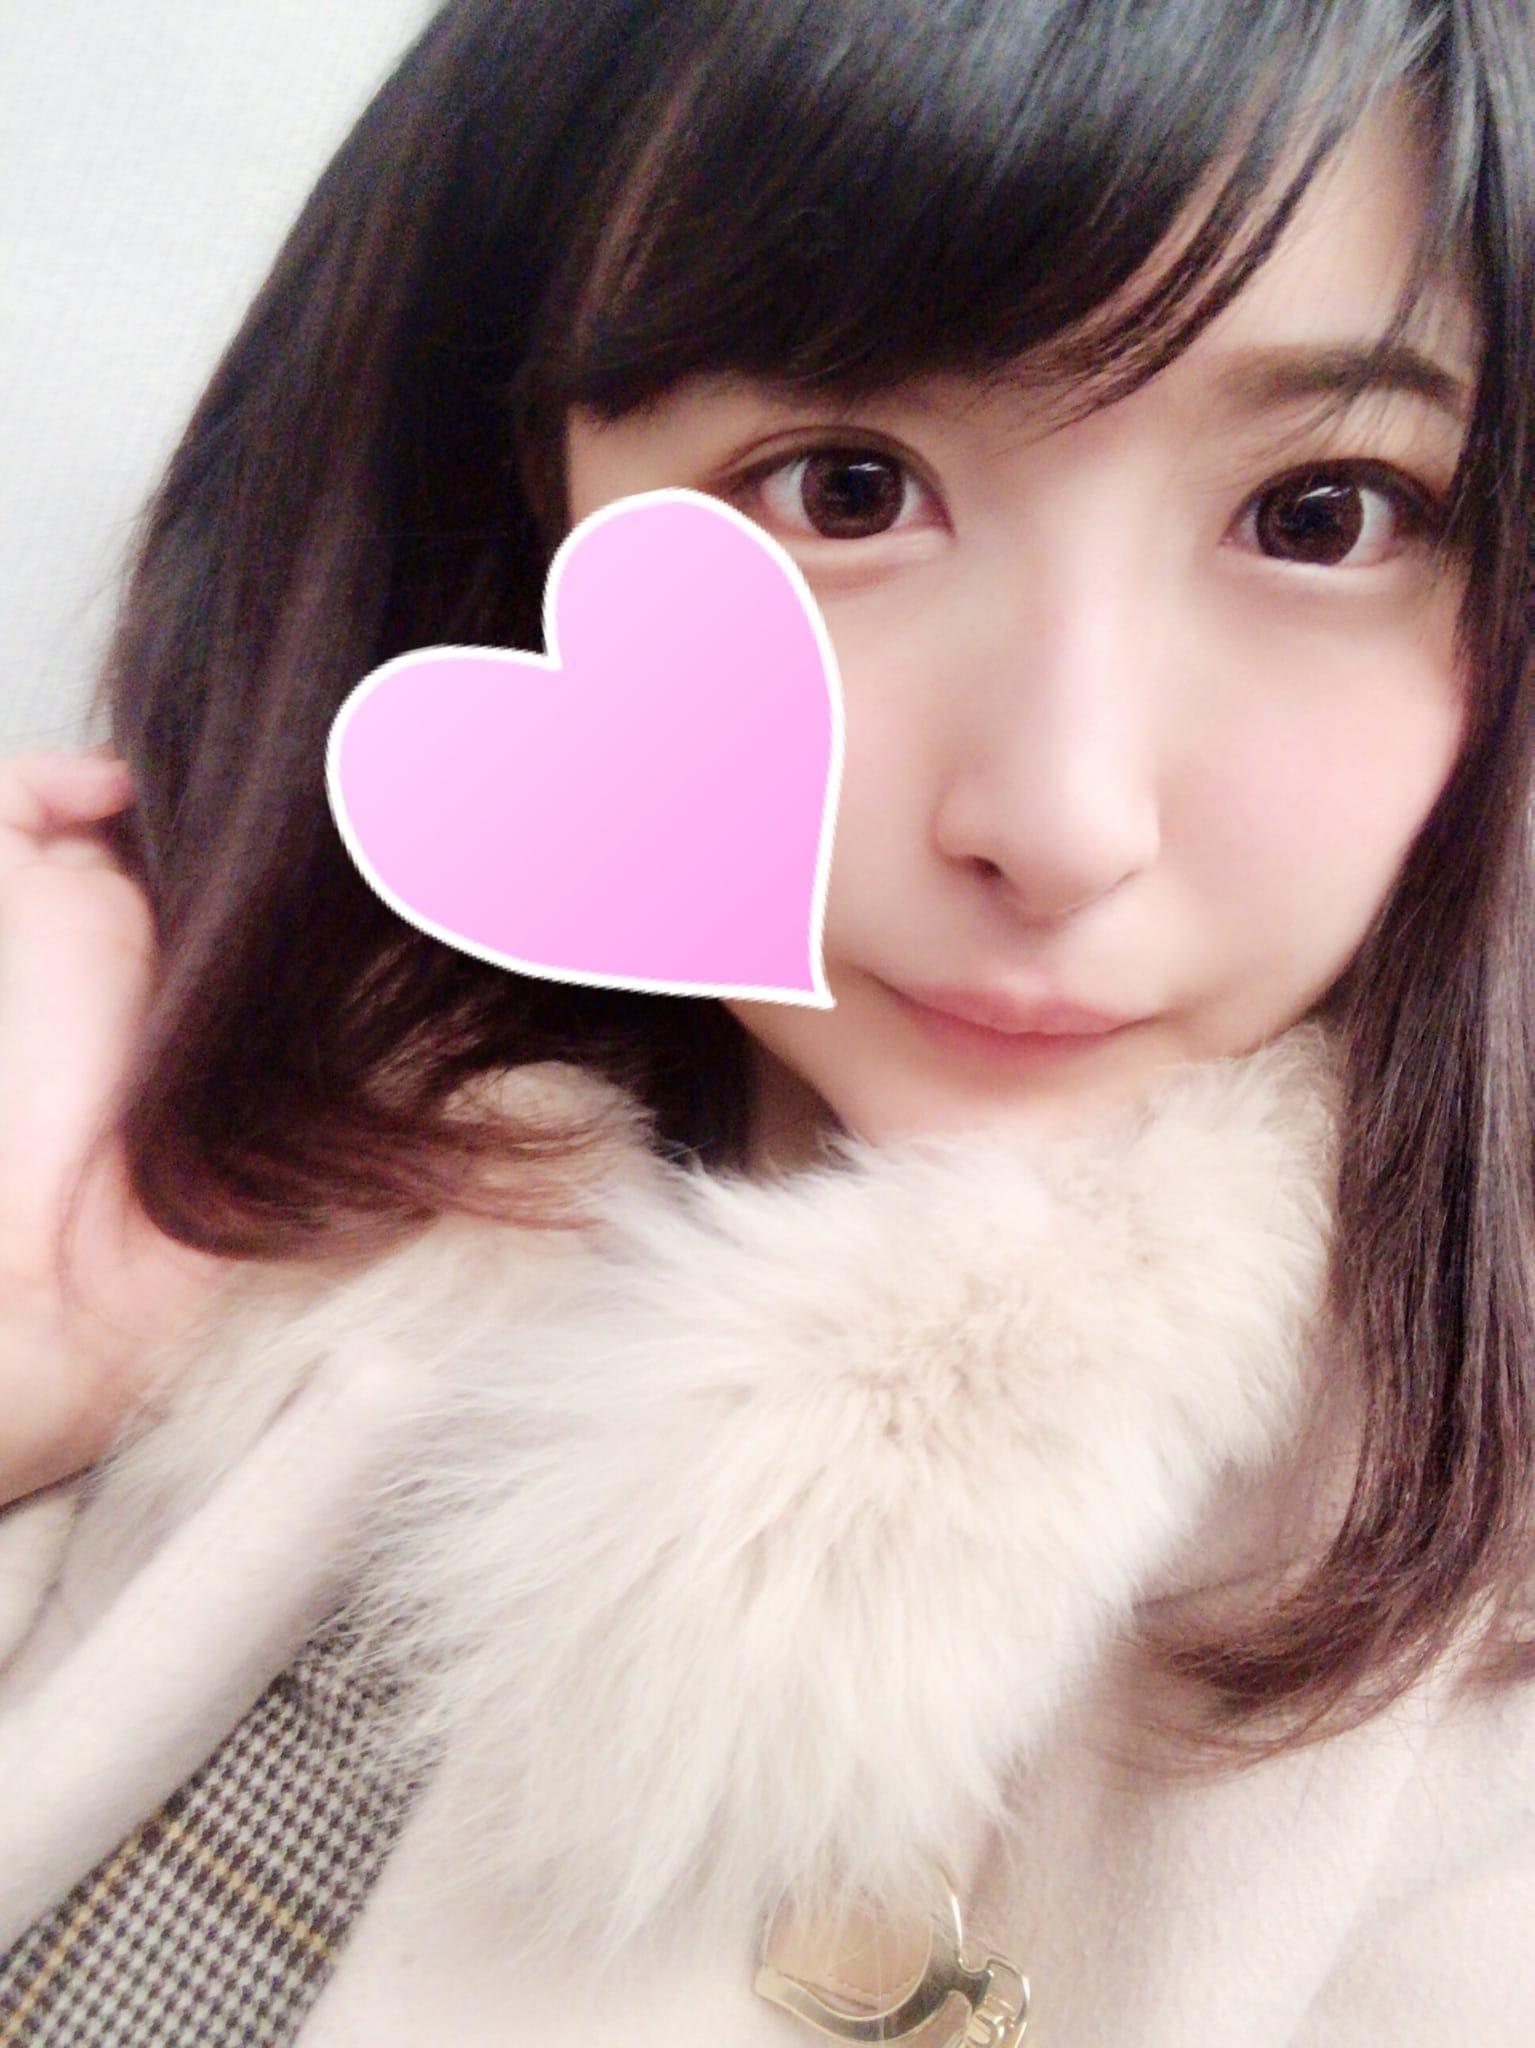 「しゅっきん」01/12(01/12) 22:07 | キラリの写メ・風俗動画